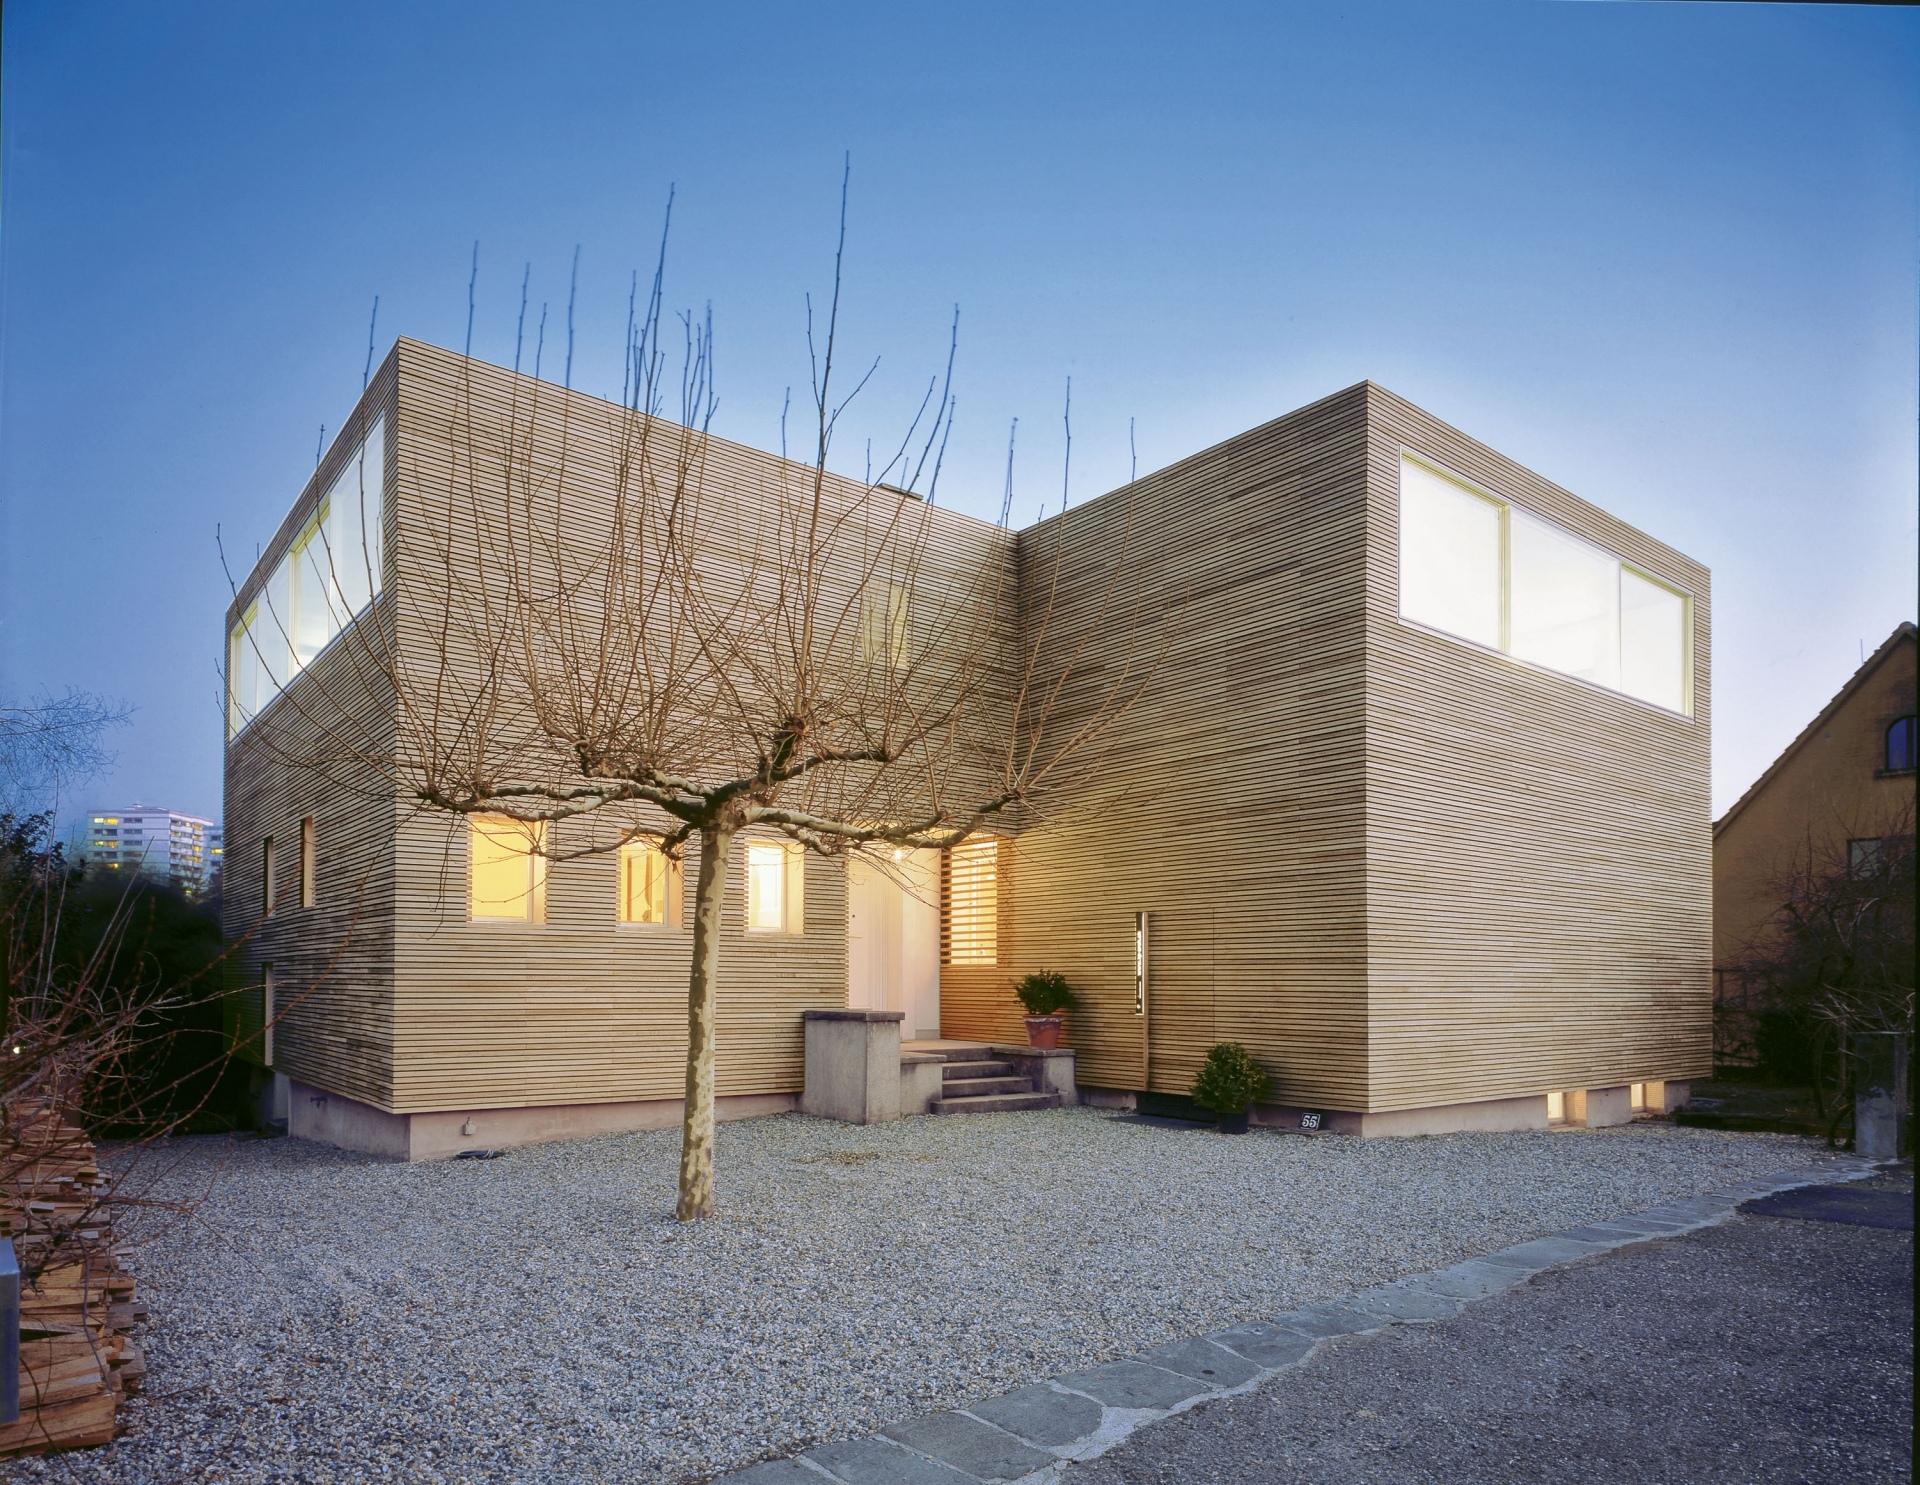 Holzbau Hier Haben Die Architekten Auf Einem Bestehenden Grundstuck Eine Moderne Aufstockung Aus Holz Realisiert Architektur Jacqueline Pittet Und Blaise